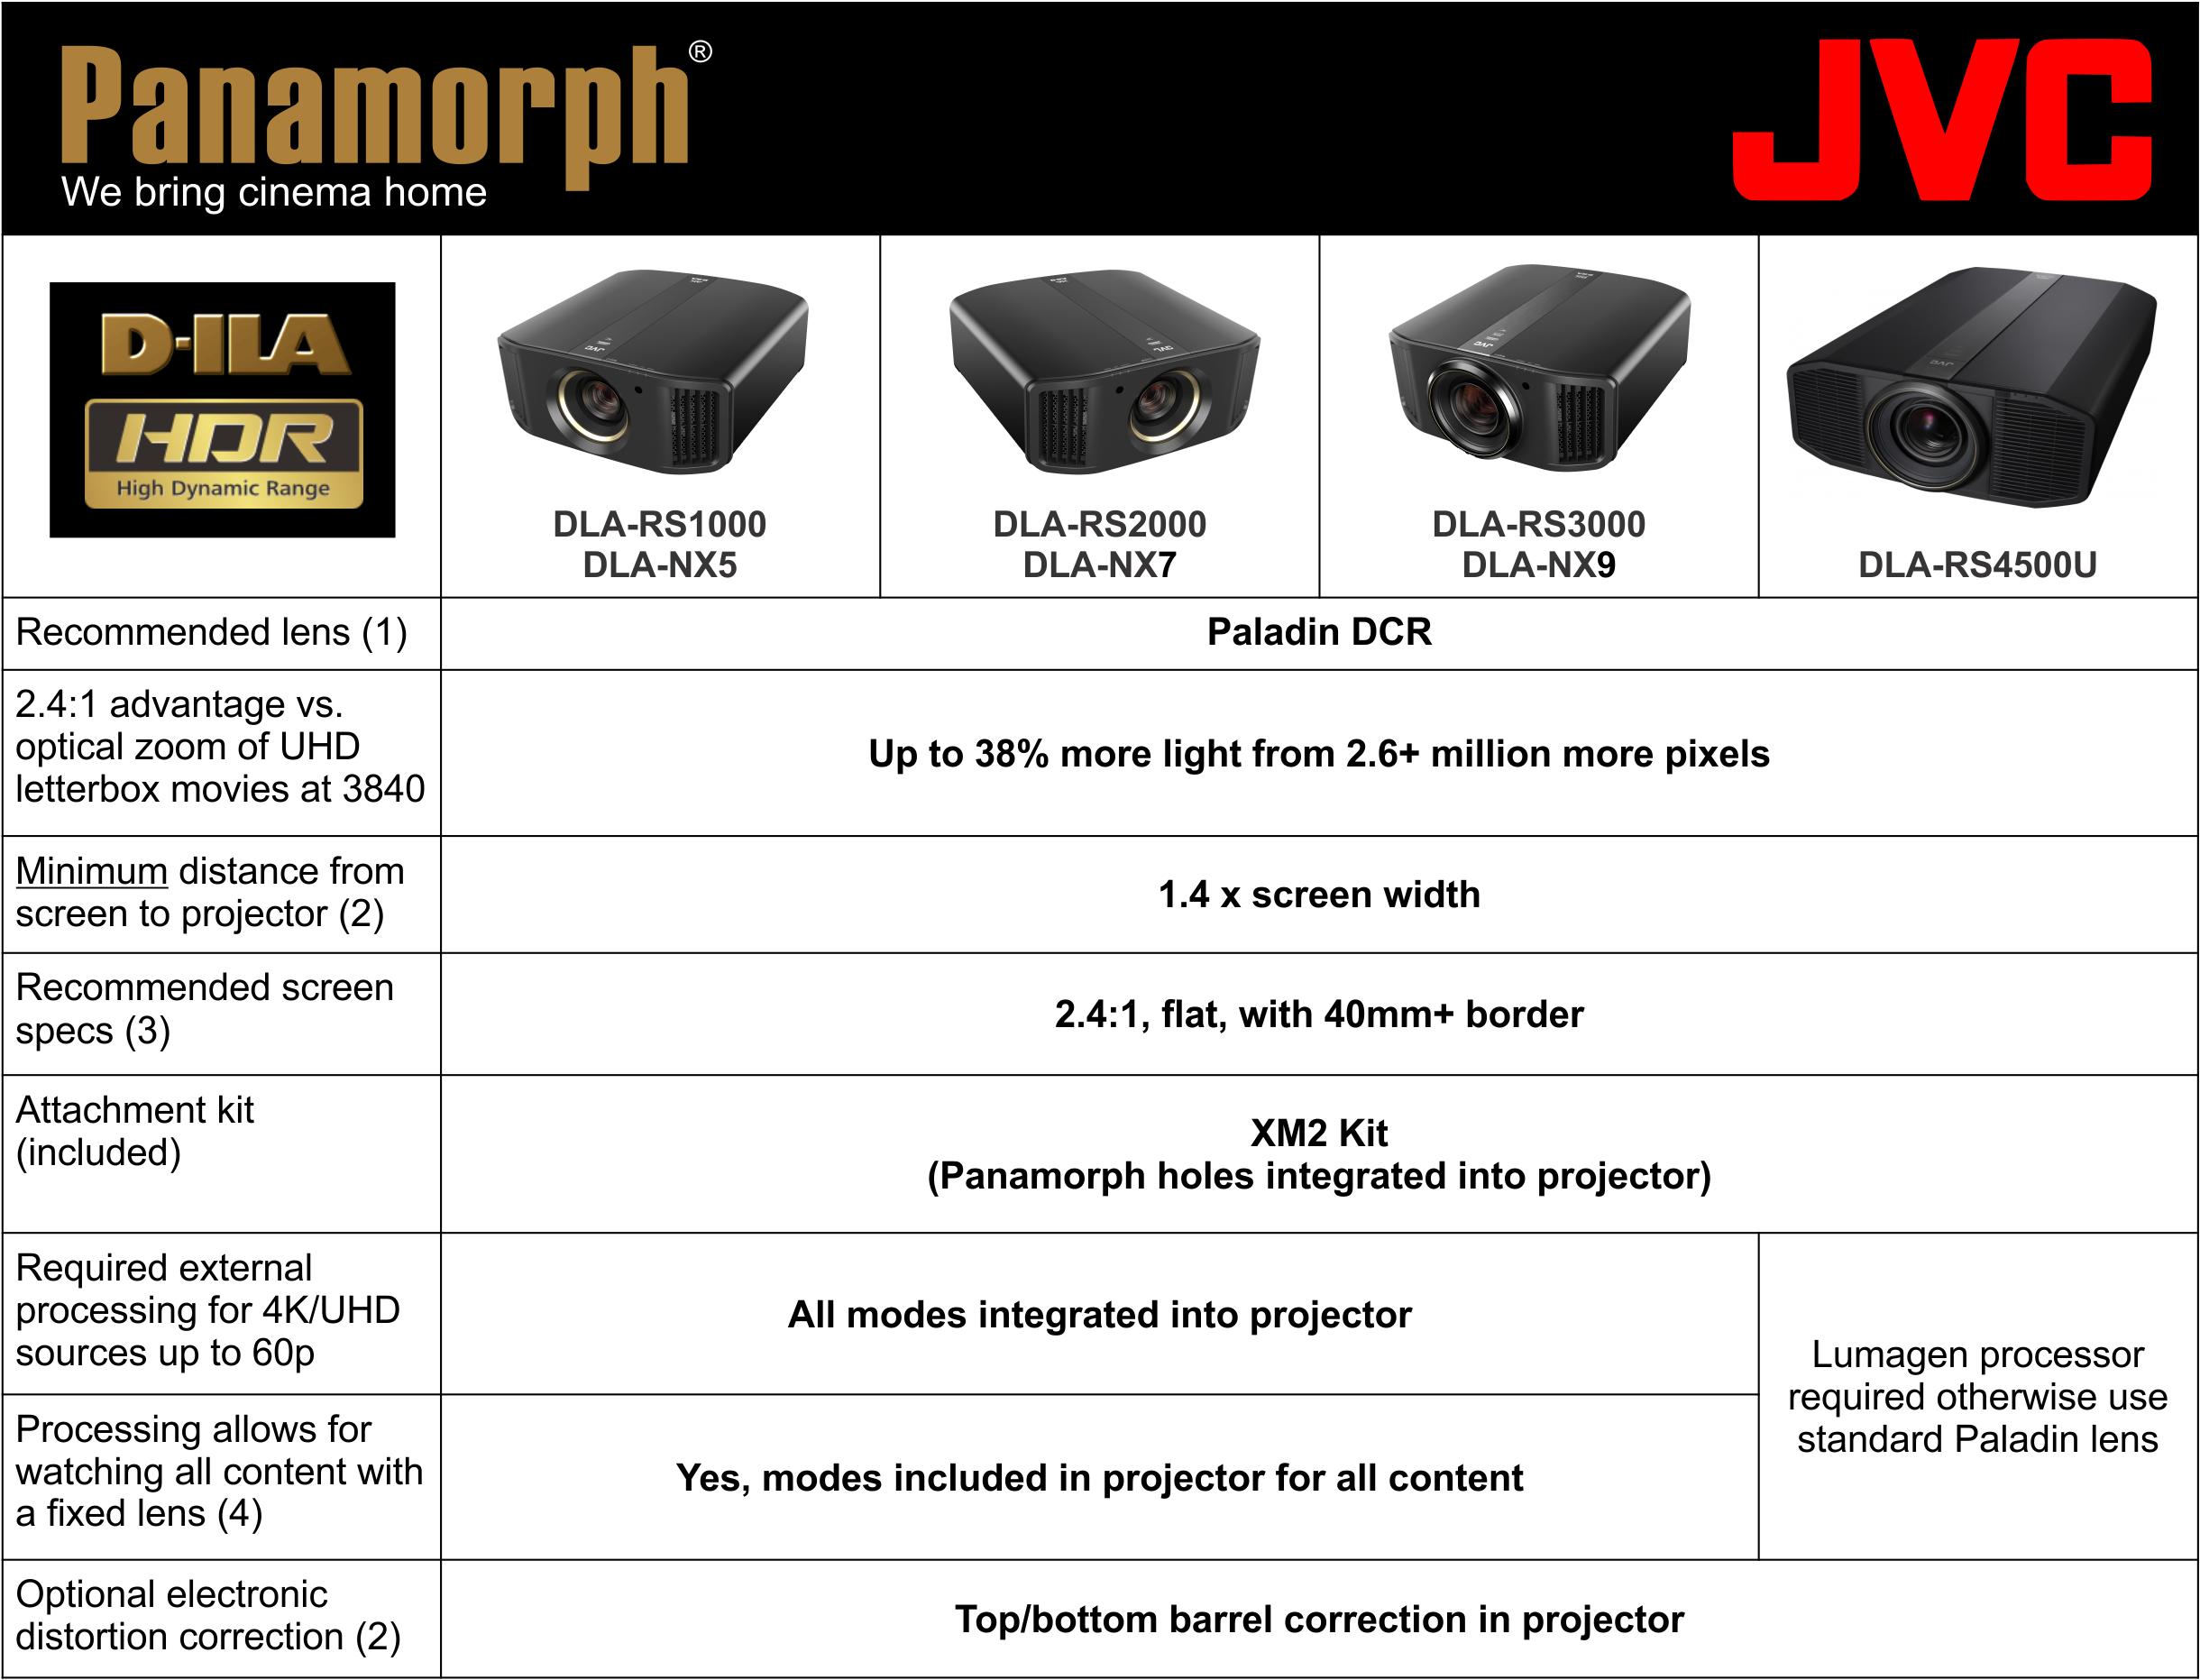 JVC DLA-RS3000, DLA-NX9, DLA-RS2000, DLA-NX7, DLA-RS1000, DLA-NX5, DLA-RS4500, DLA-Z1